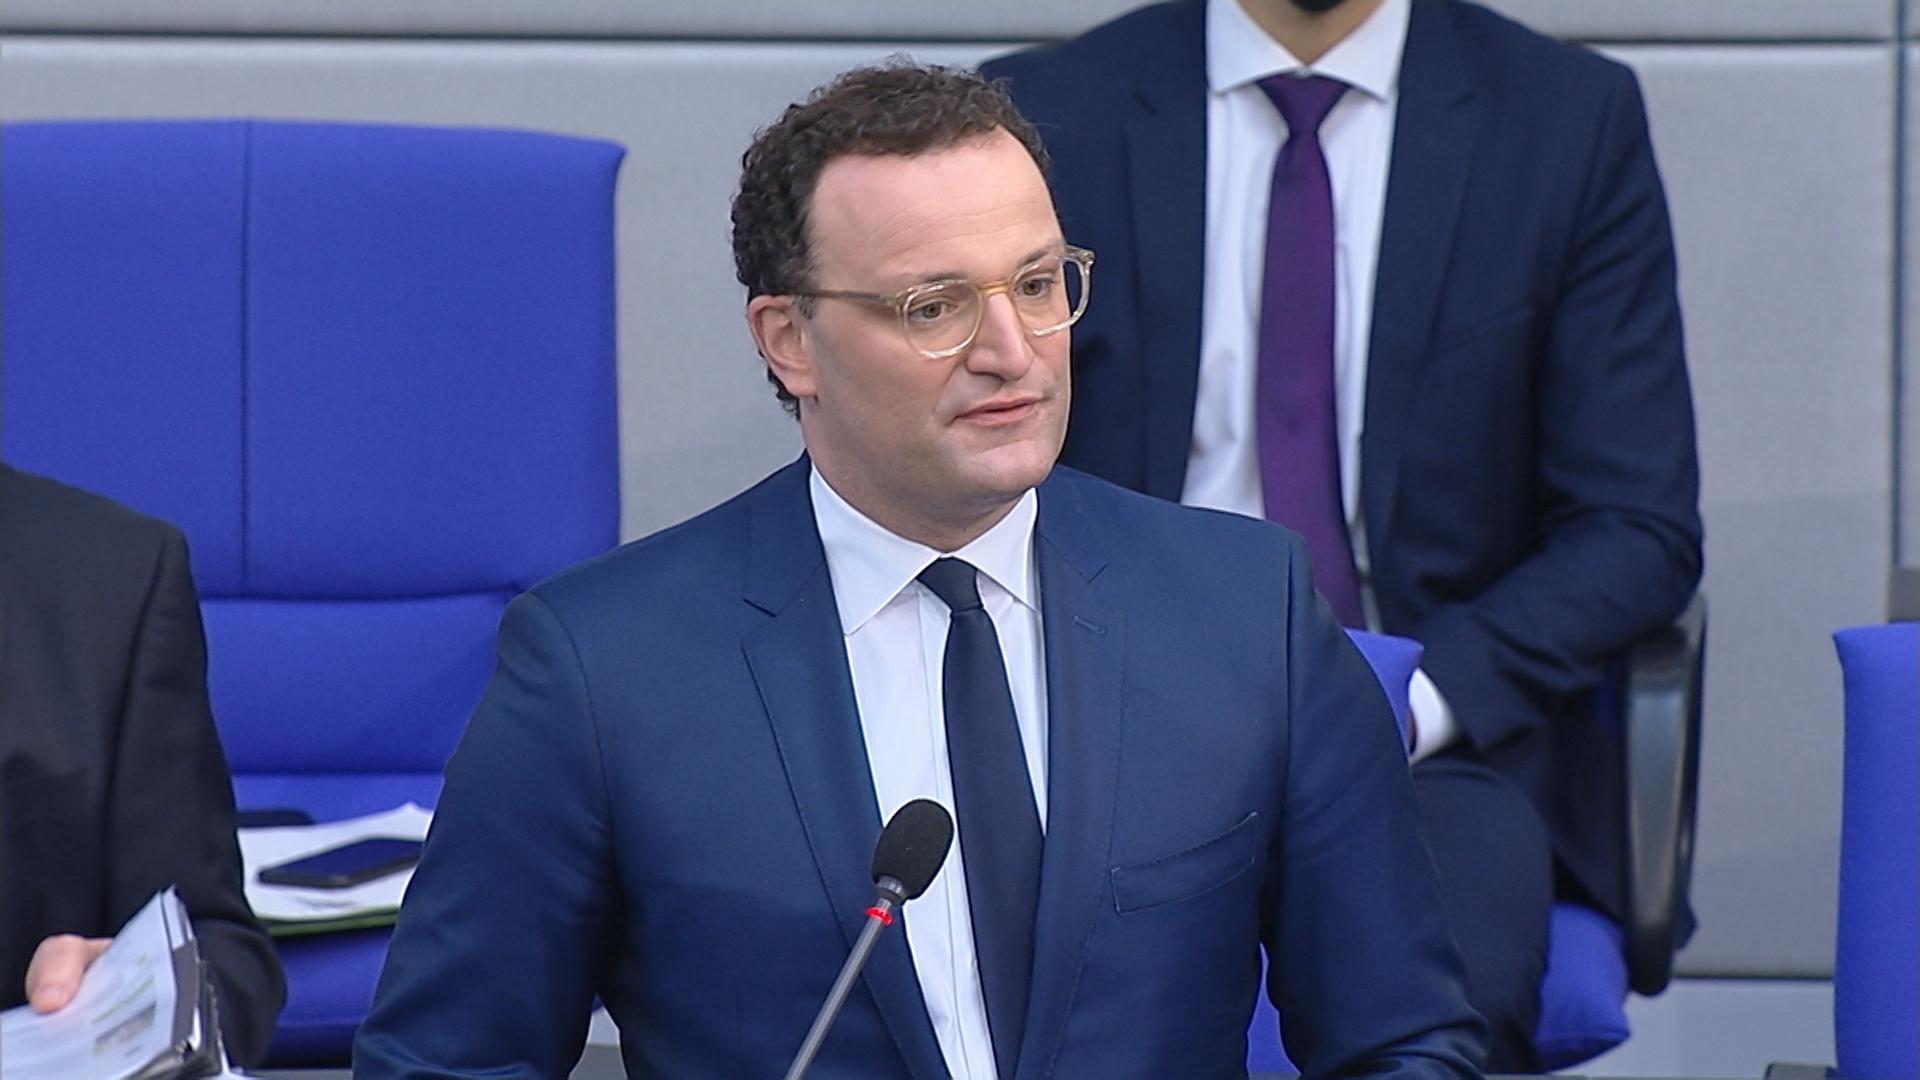 Jens Spahn, CDU, Bundesgesundheitsminister